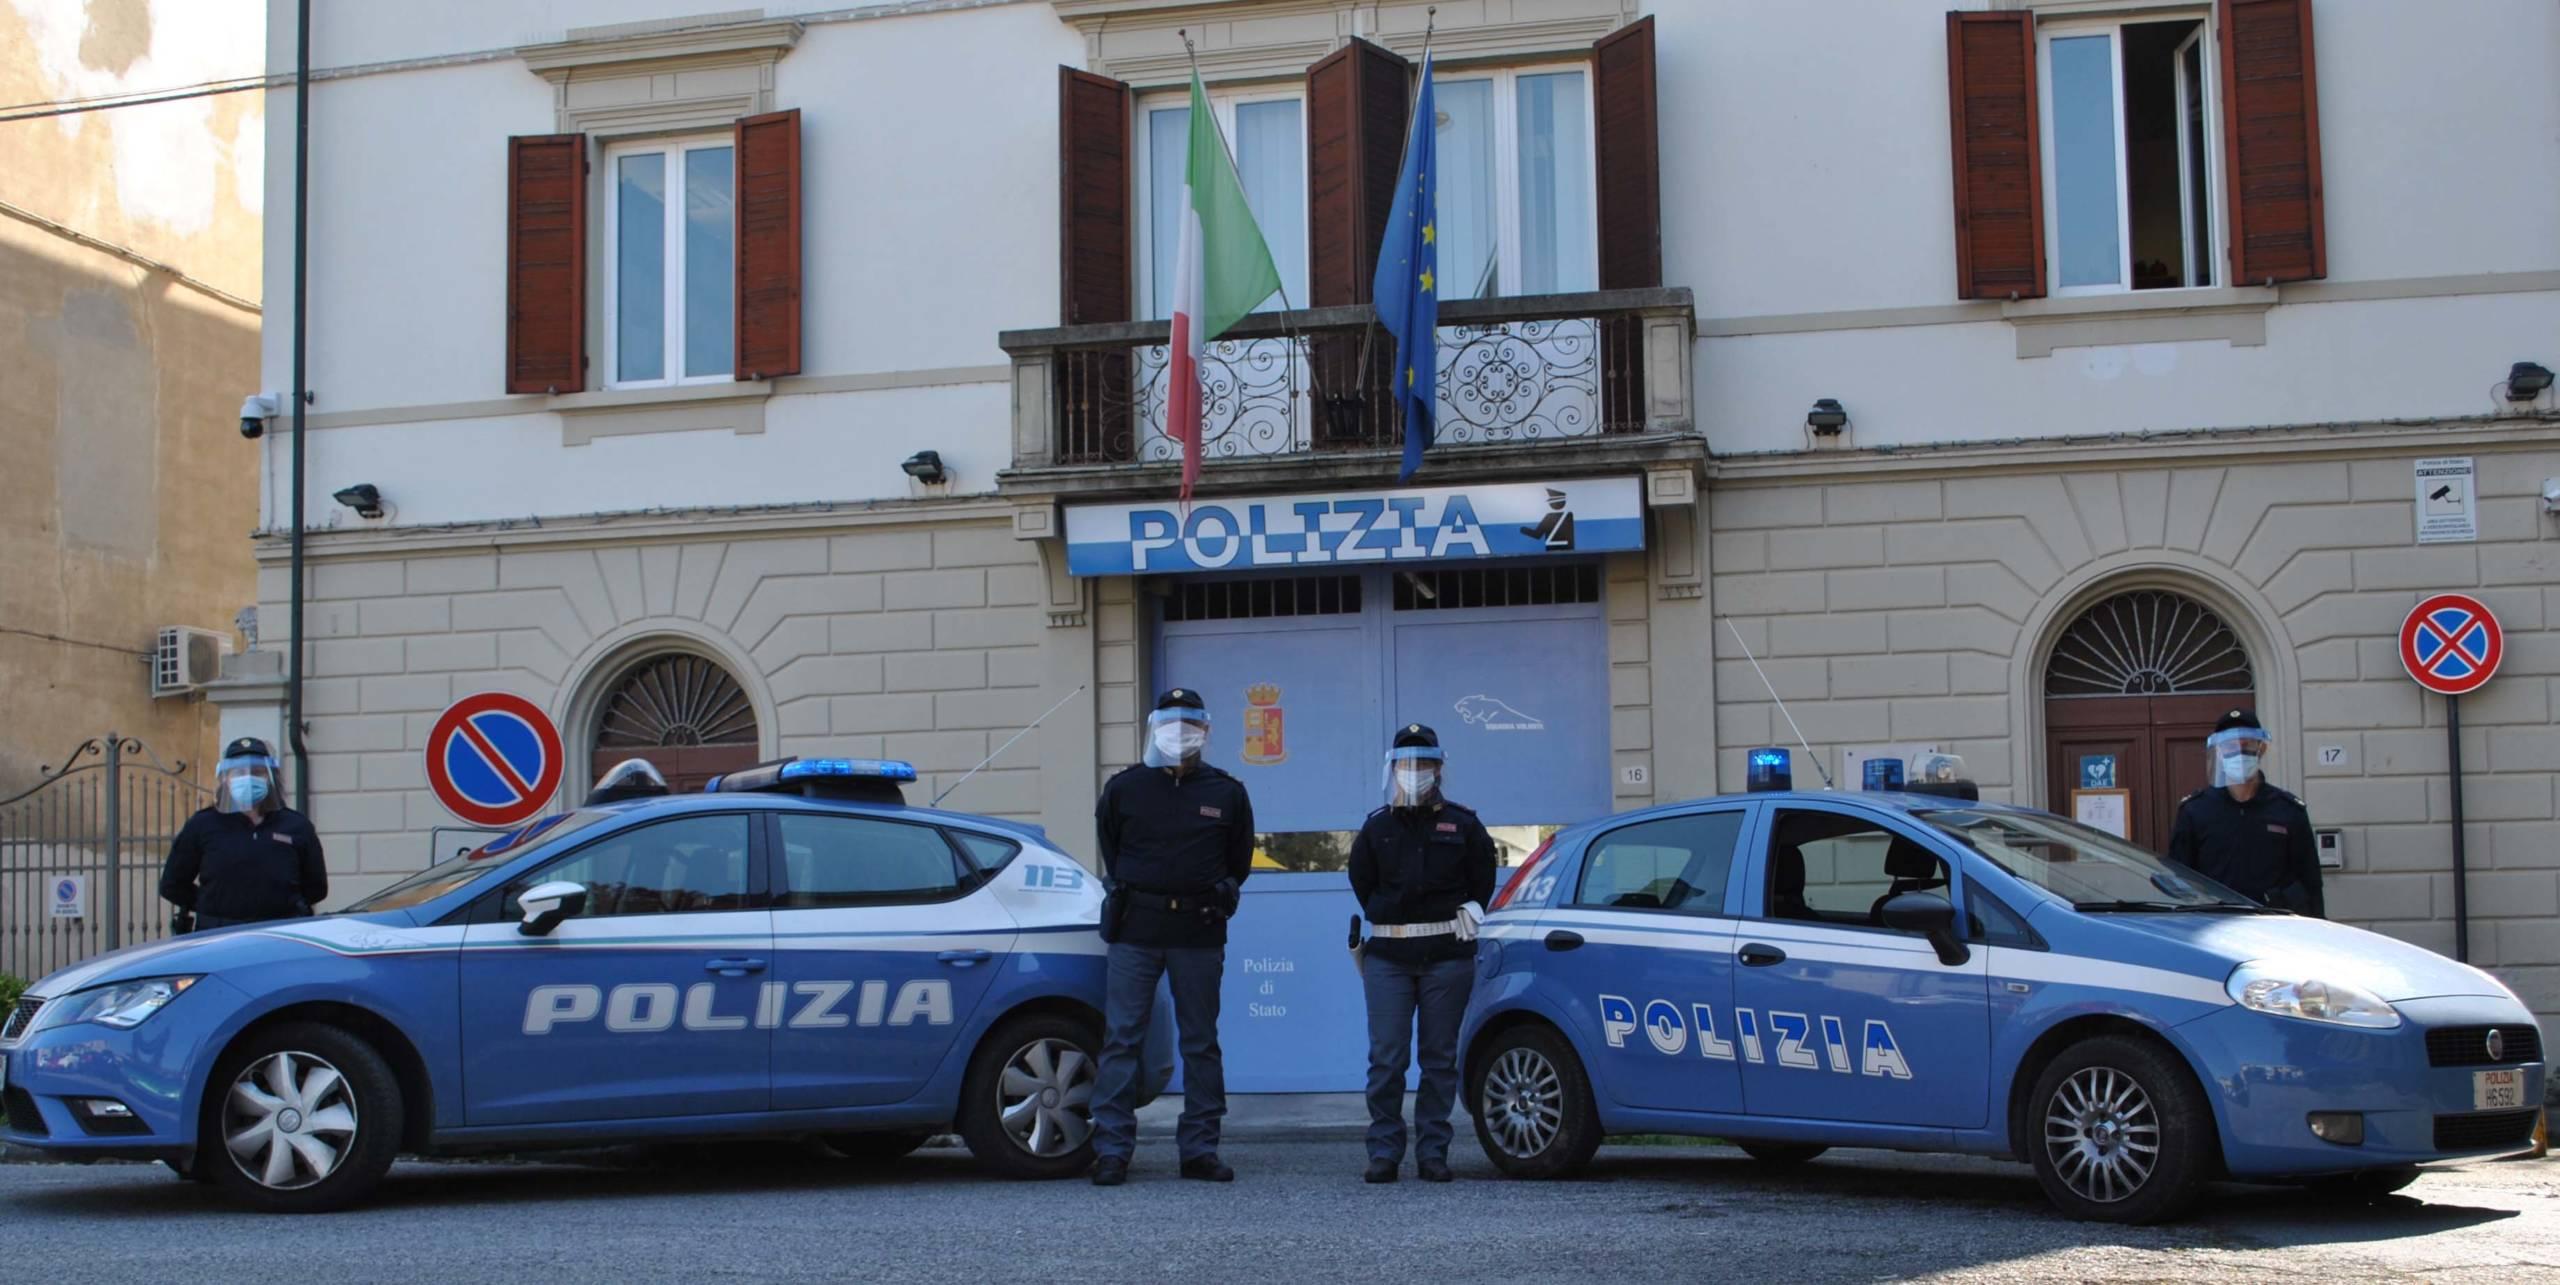 Controllo del territorio Polizia di Stato, arrestati due uomini per spaccio